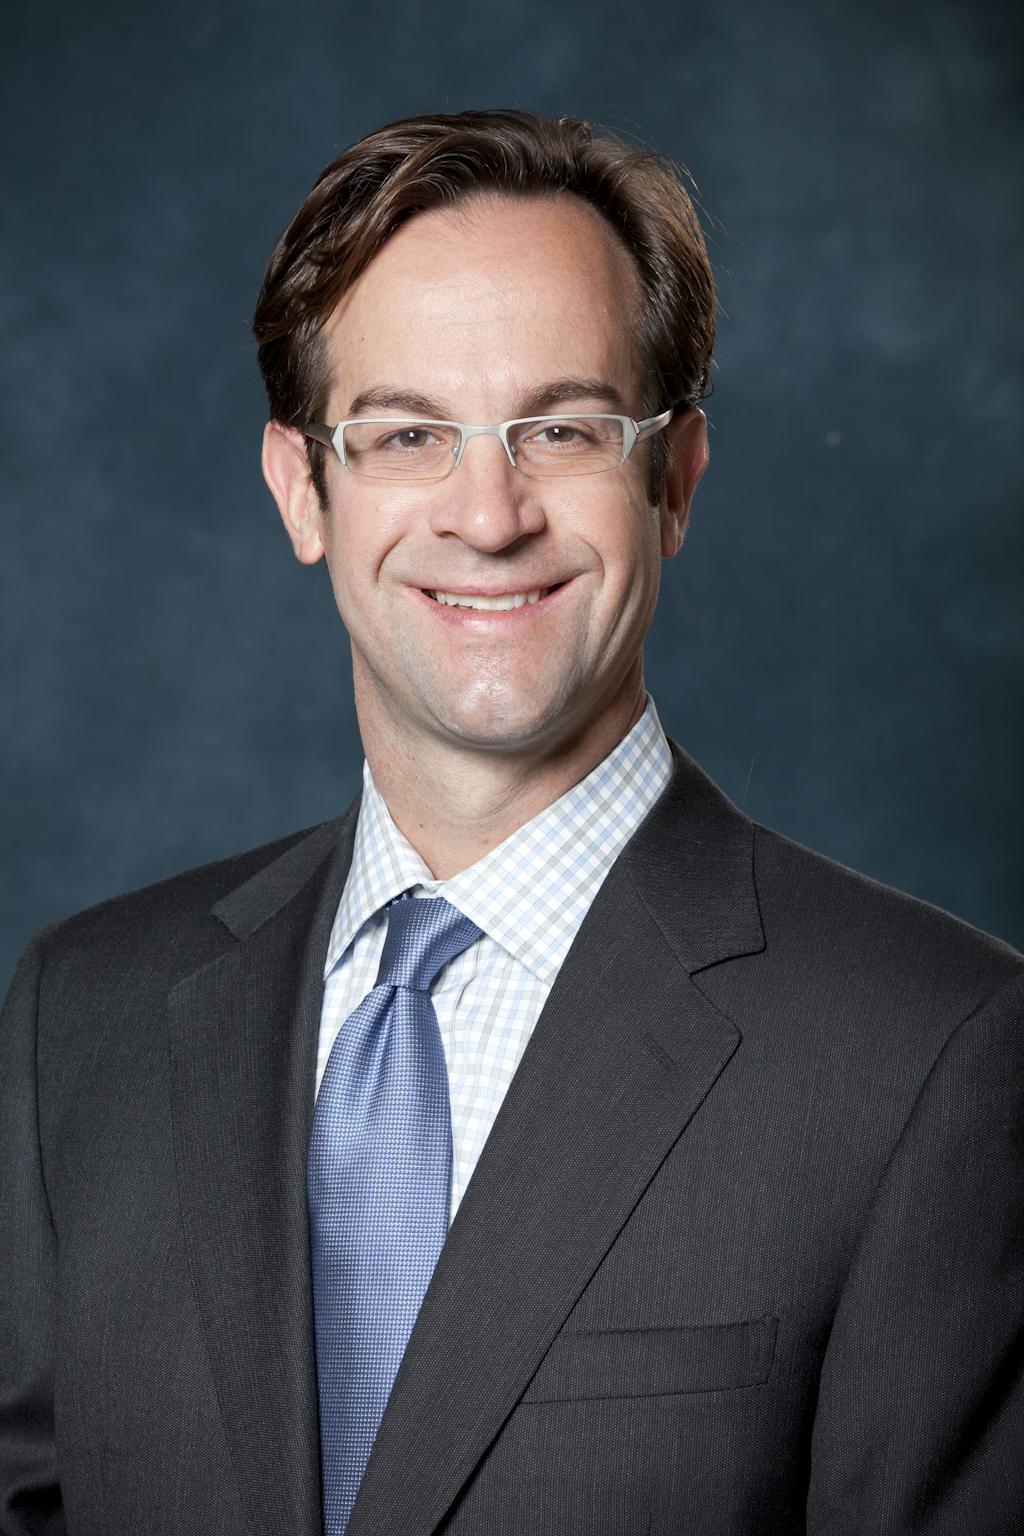 John Stokes, MD